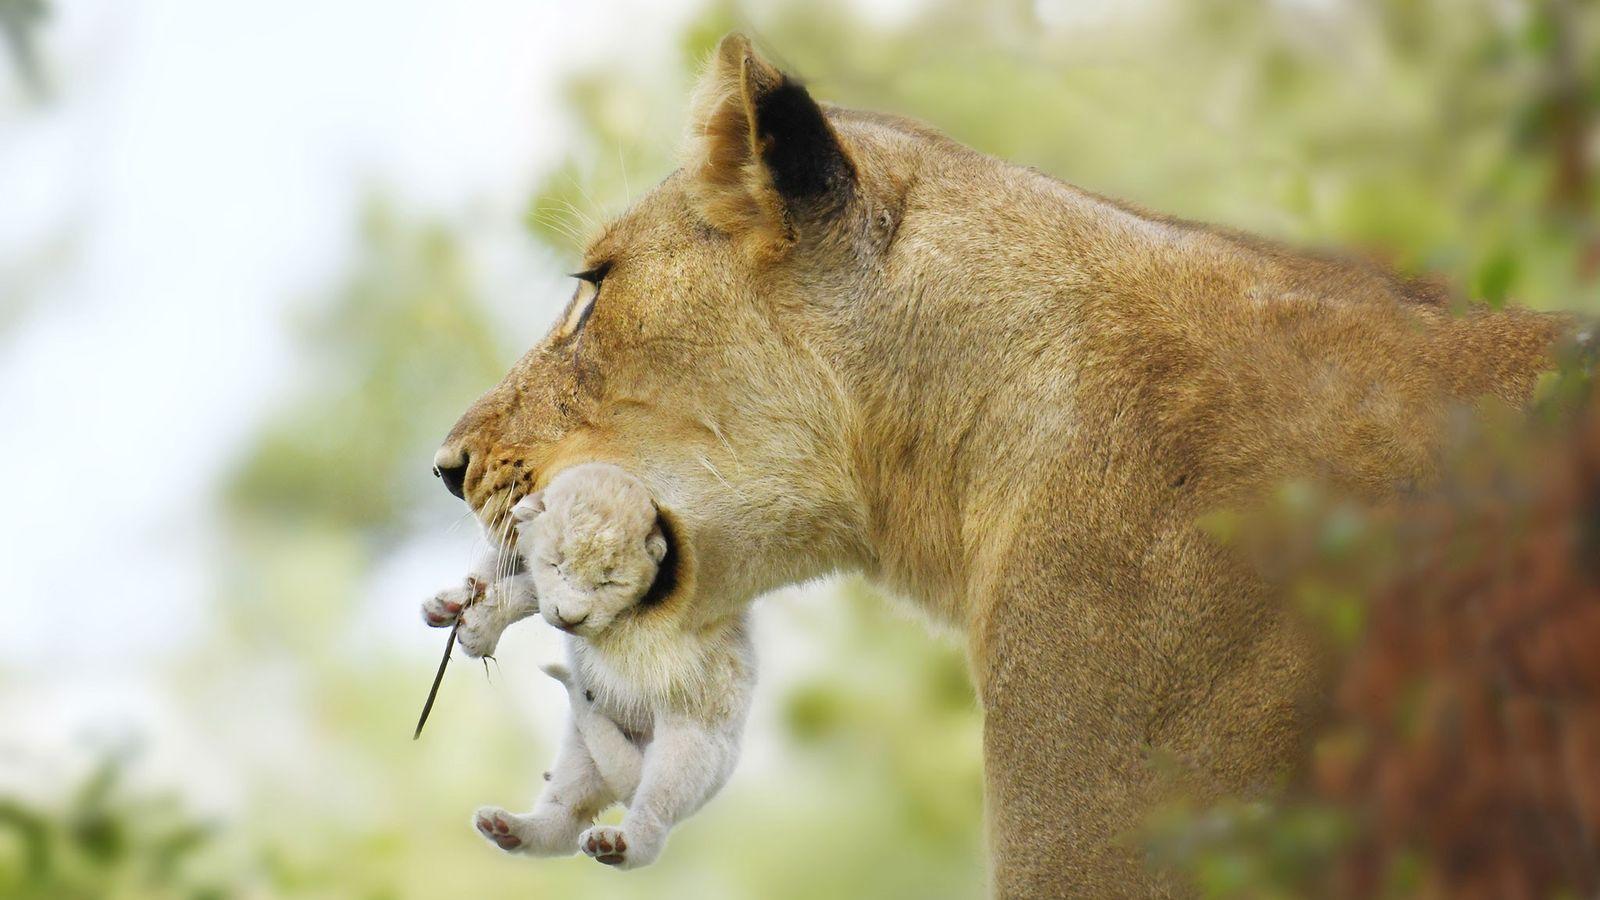 Des guides d'une réserve naturelle située en Afrique du Sud ont pu observer ce lionceau blanc ...